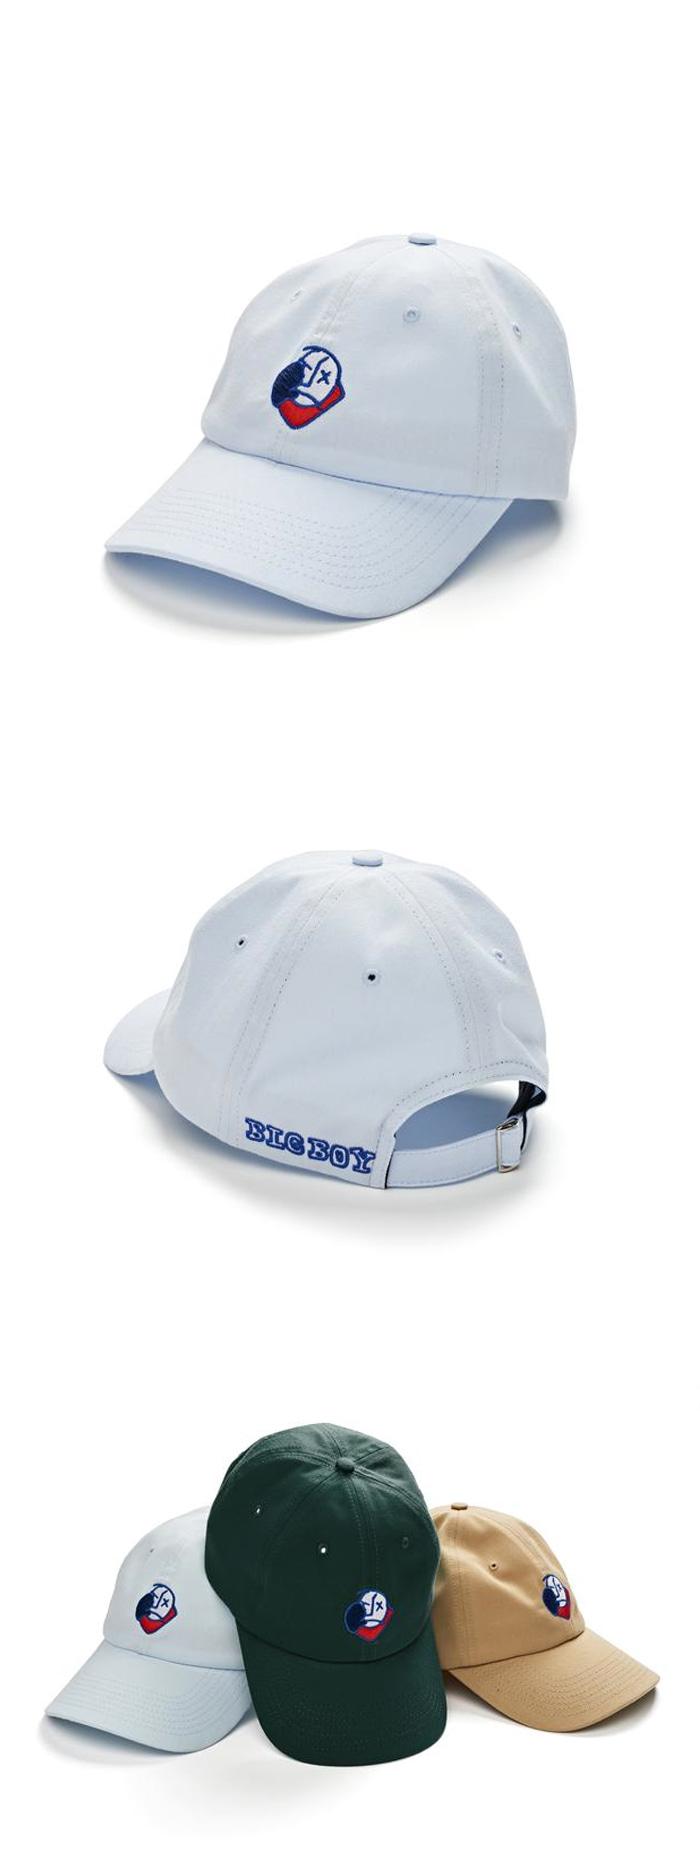 폴라(POLAR) Big Boy Cap - Light Blue